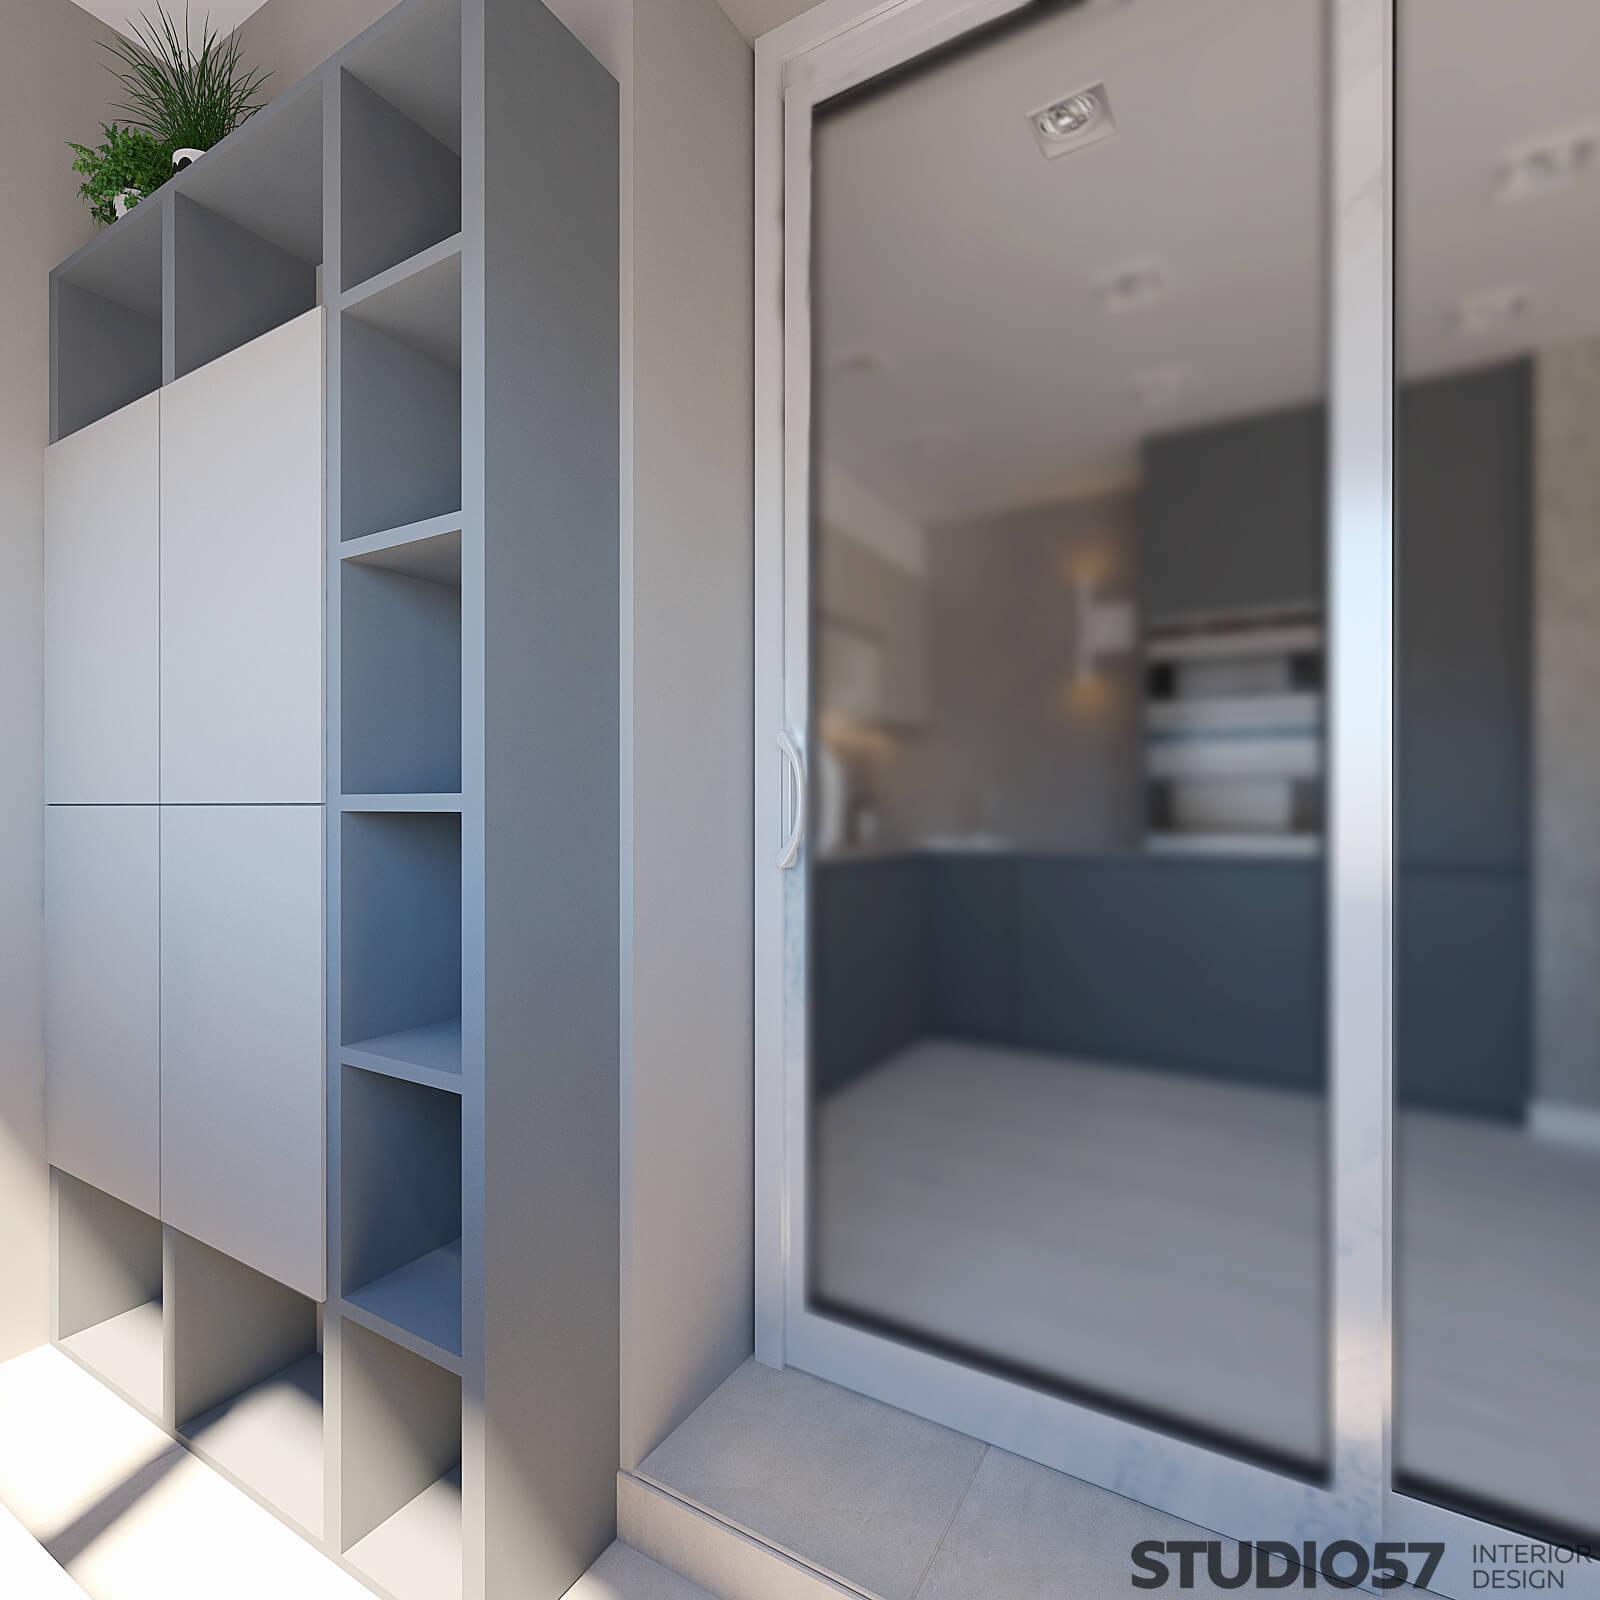 Loggia interior with wardrobe